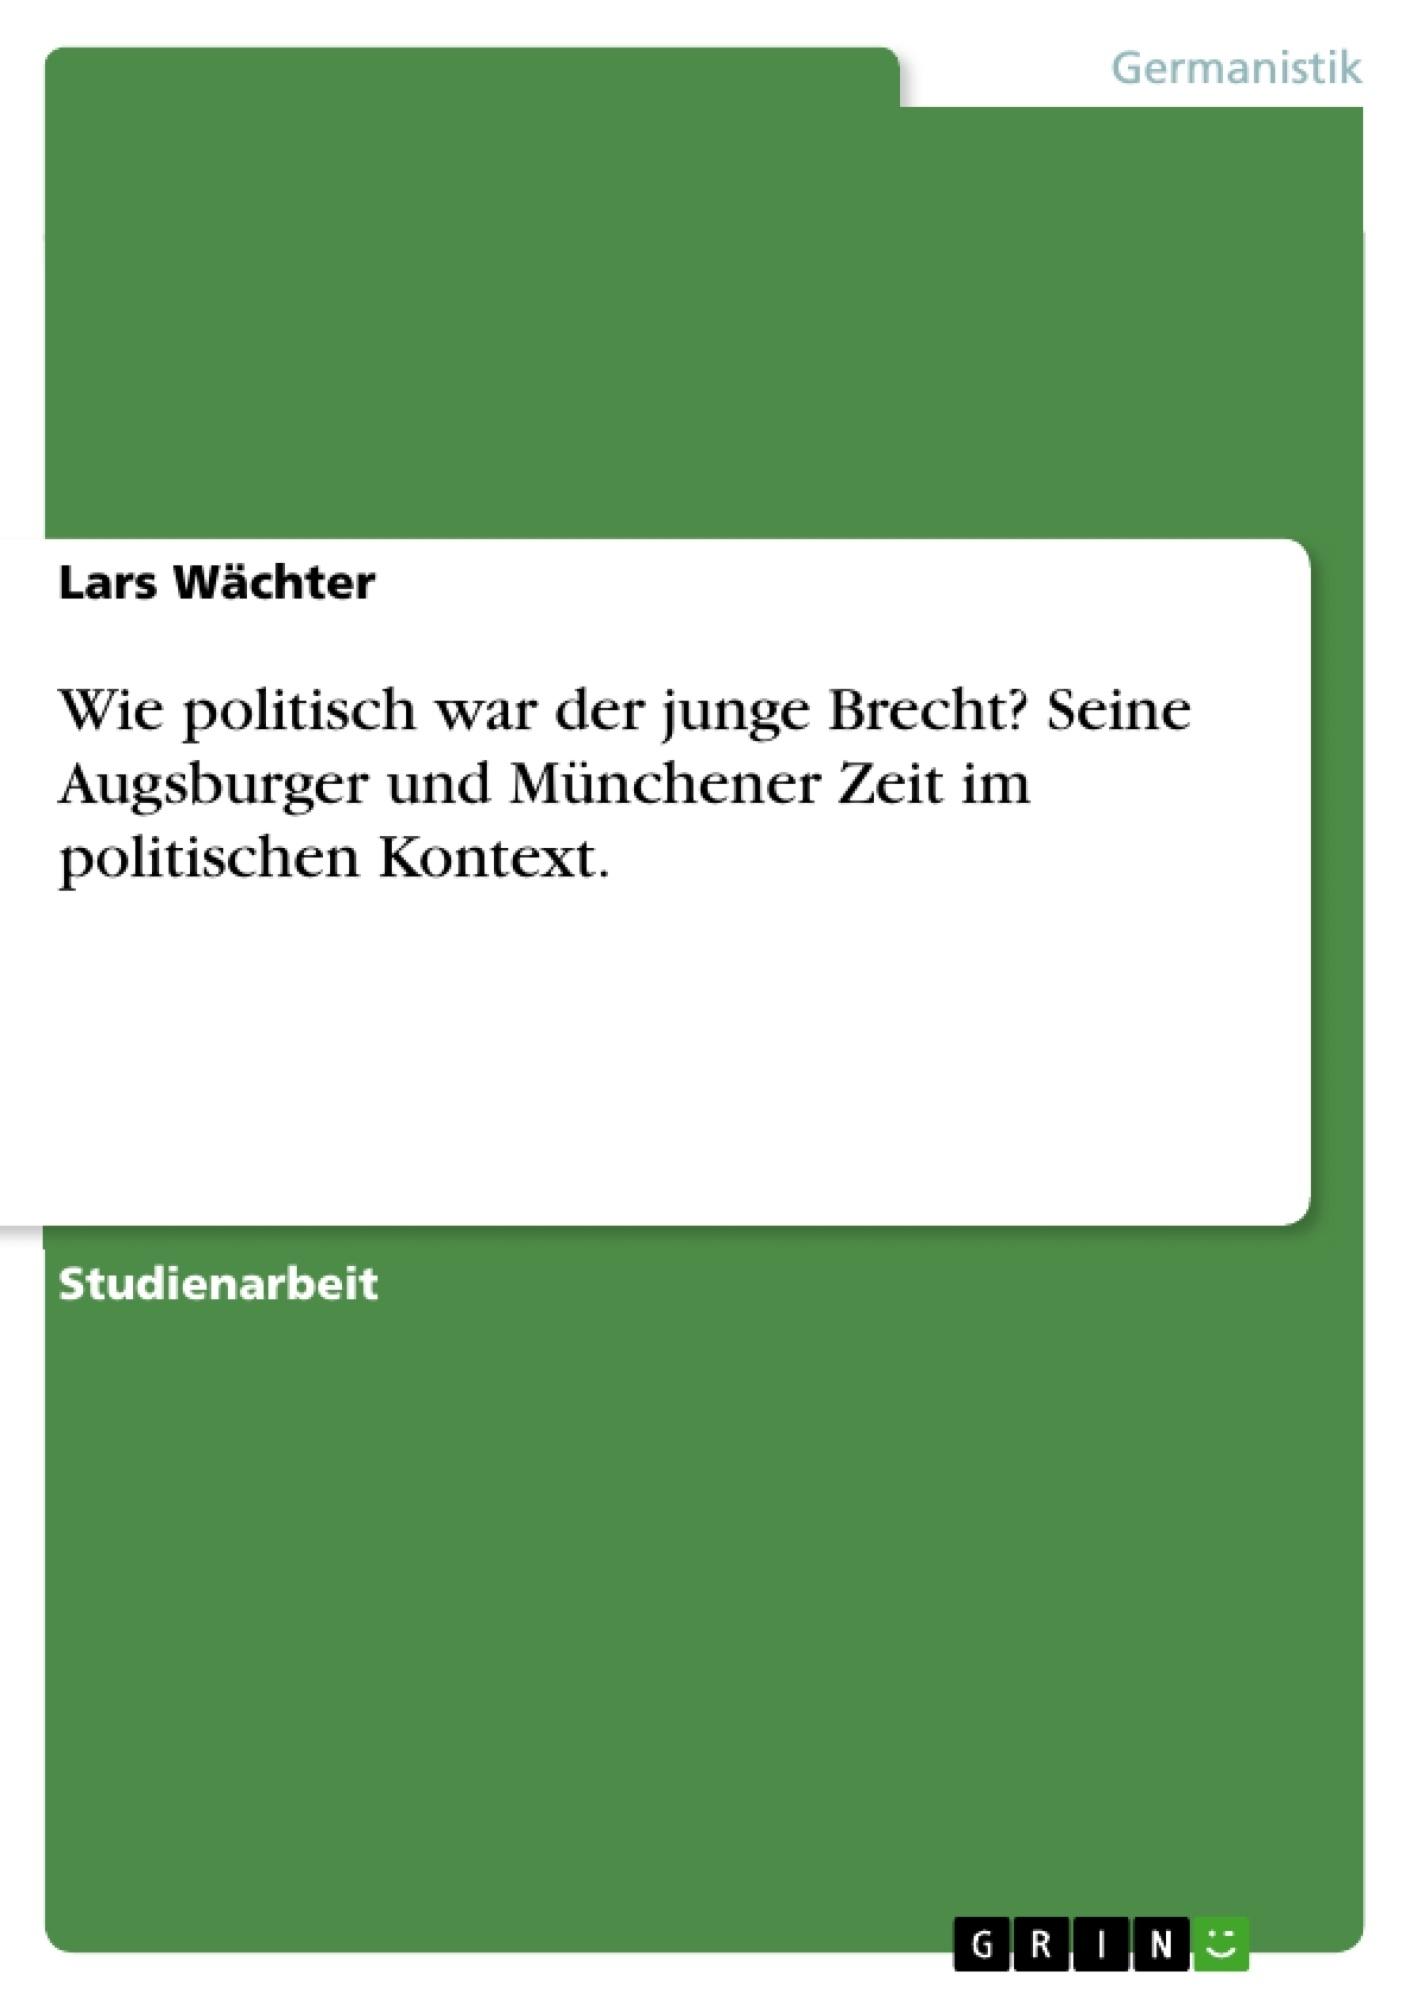 Titel: Wie politisch war der junge Brecht? Seine Augsburger und Münchener Zeit im politischen Kontext.